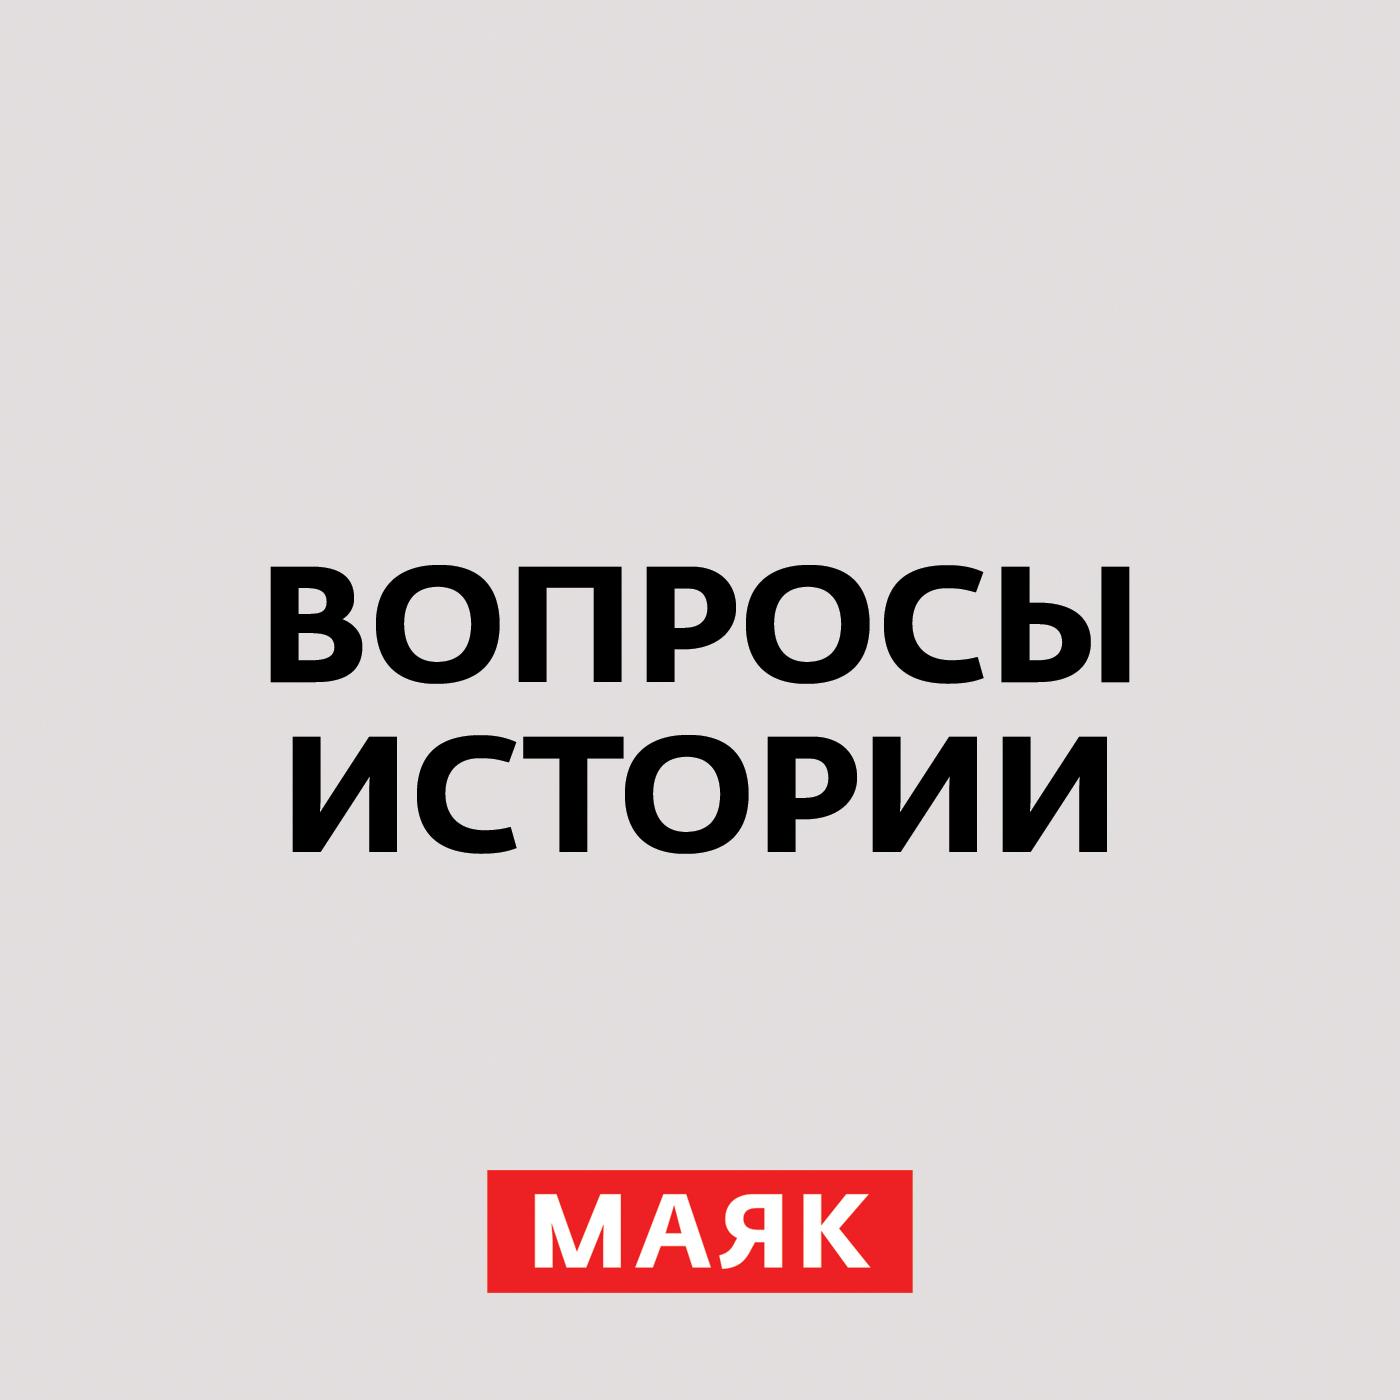 Андрей Светенко Заговор против Хрущева руслан хасбулатов либеральная тирания ельцина международный заговор против россии